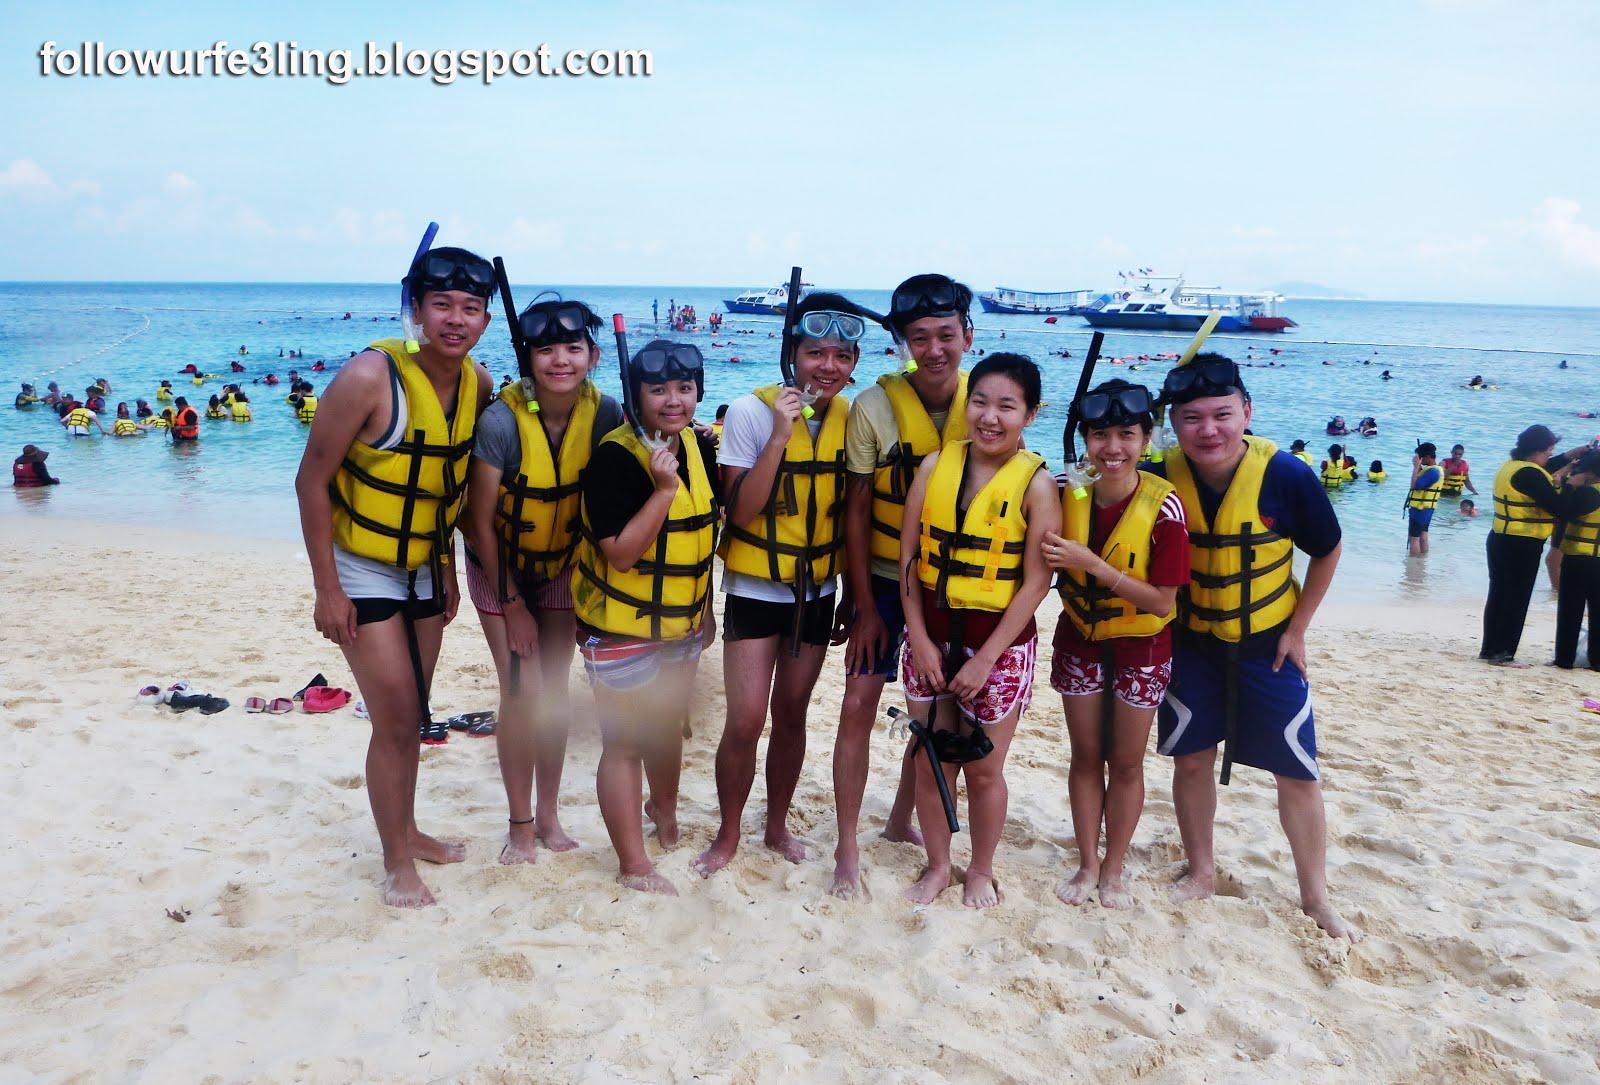 夏日游之热浪岛 | 2015